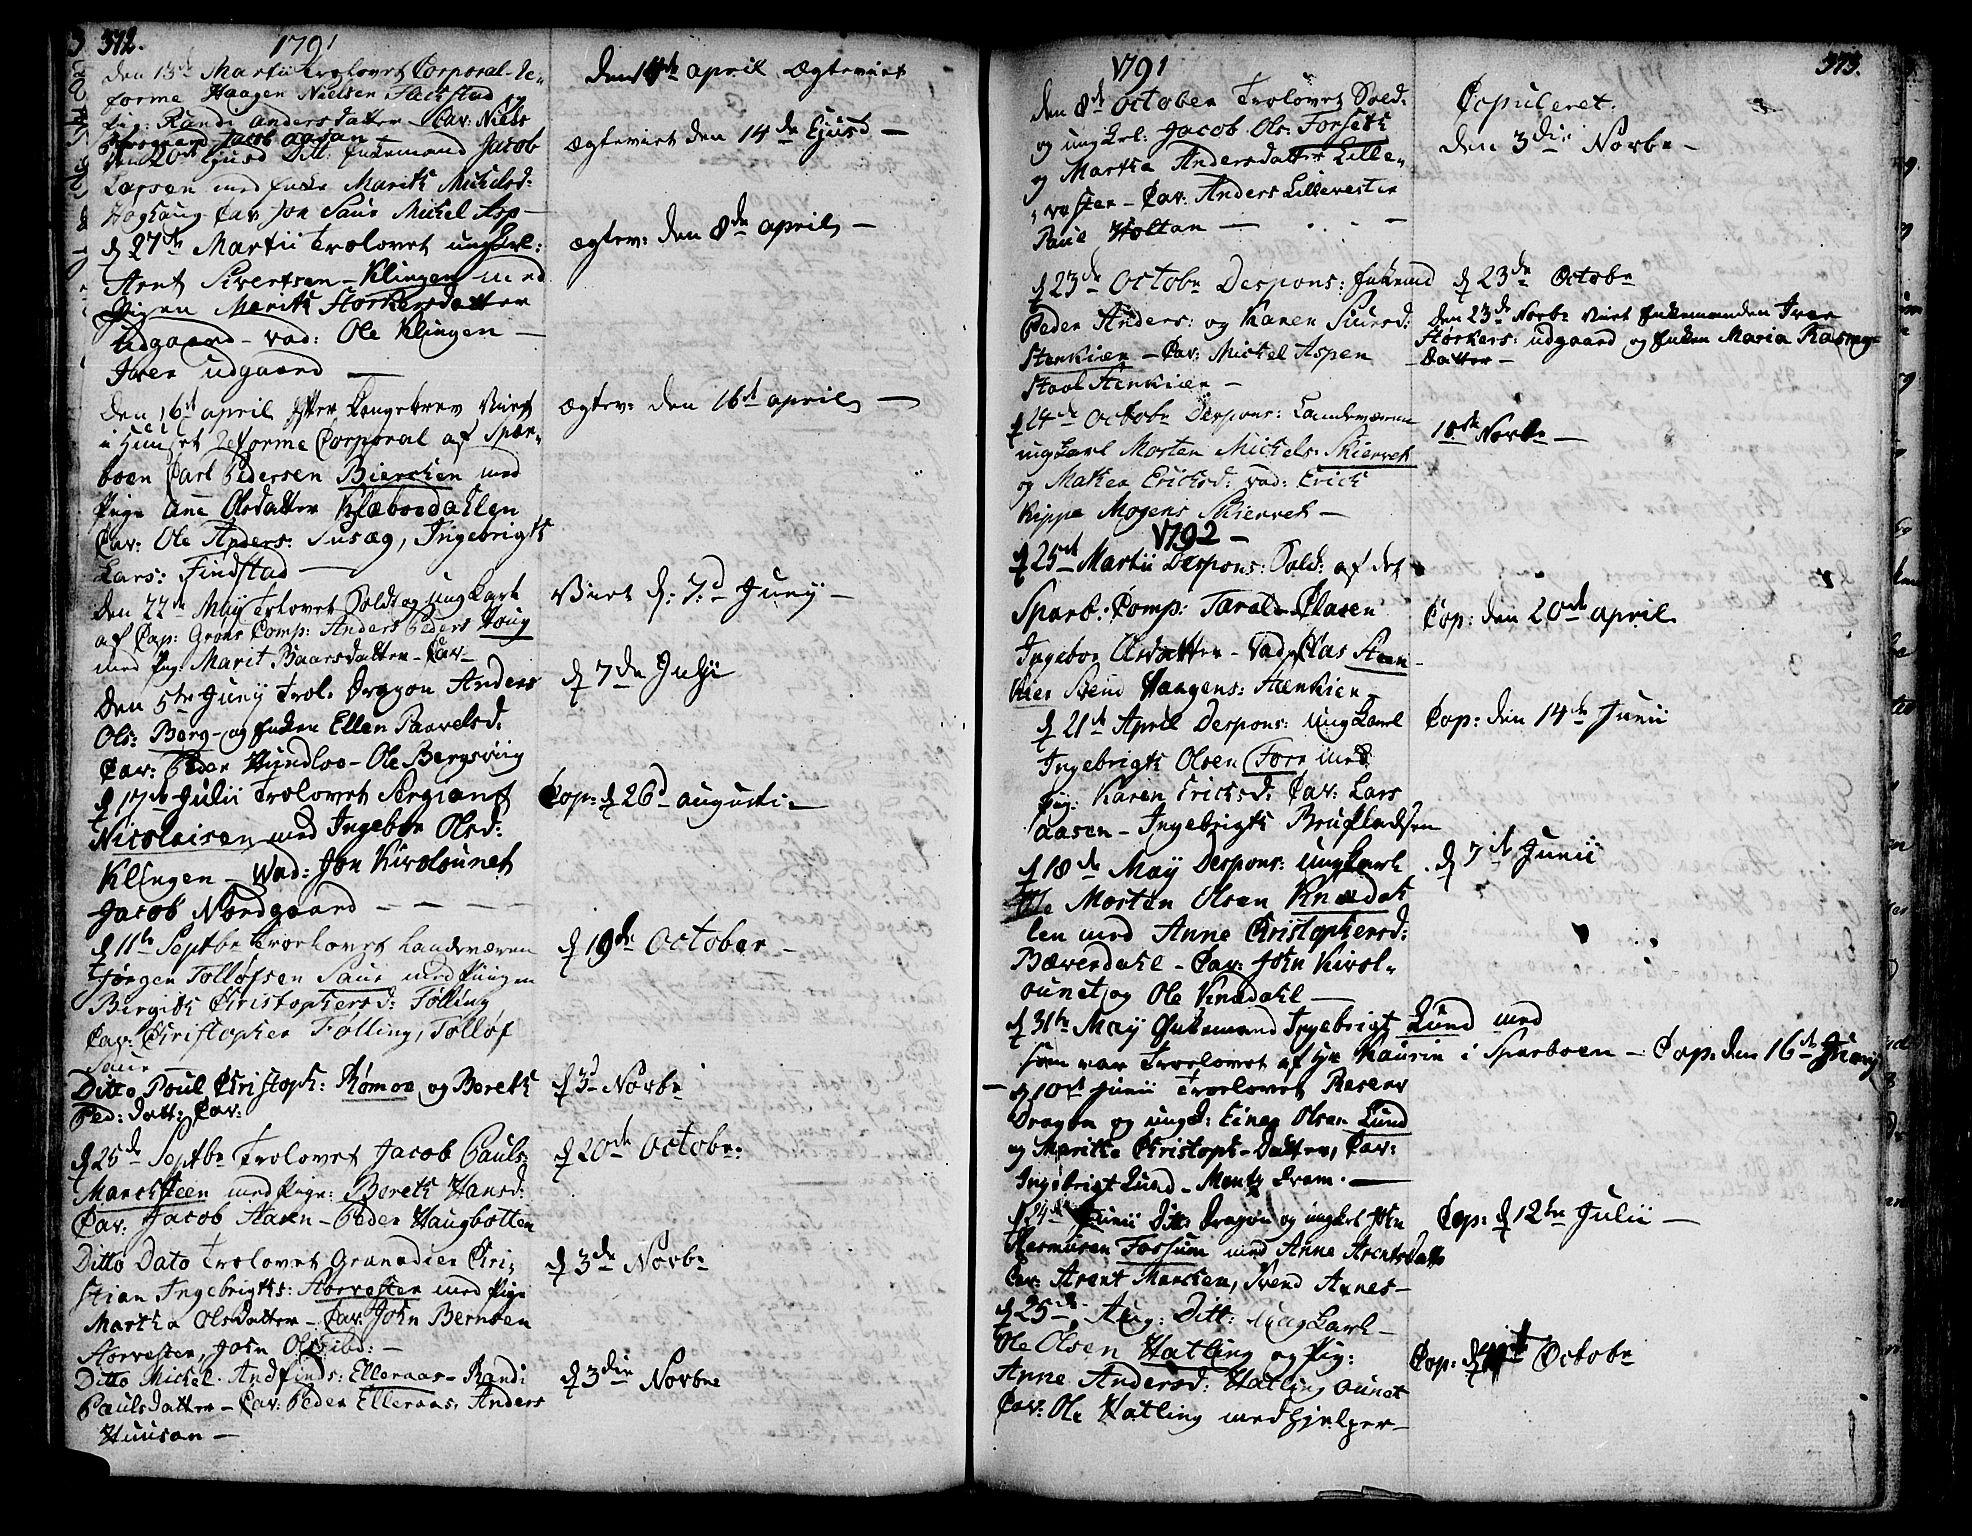 SAT, Ministerialprotokoller, klokkerbøker og fødselsregistre - Nord-Trøndelag, 746/L0440: Ministerialbok nr. 746A02, 1760-1815, s. 372-373